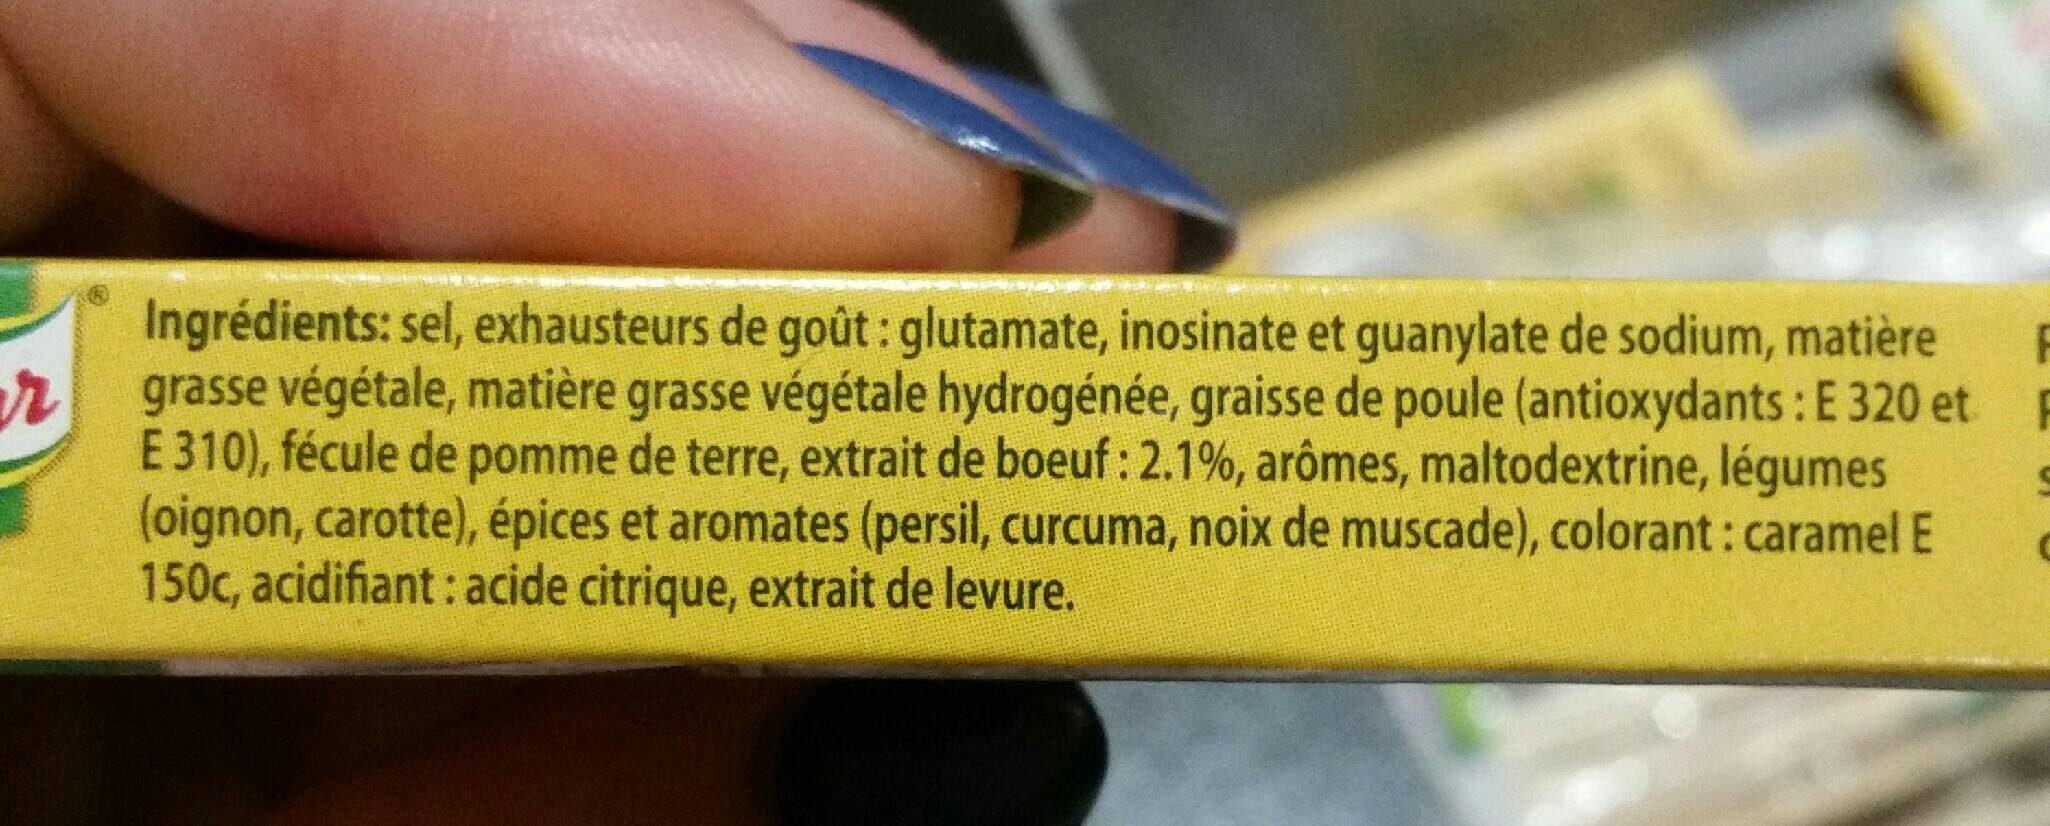 Bouillon Pot-au-Feu - Ingrédients